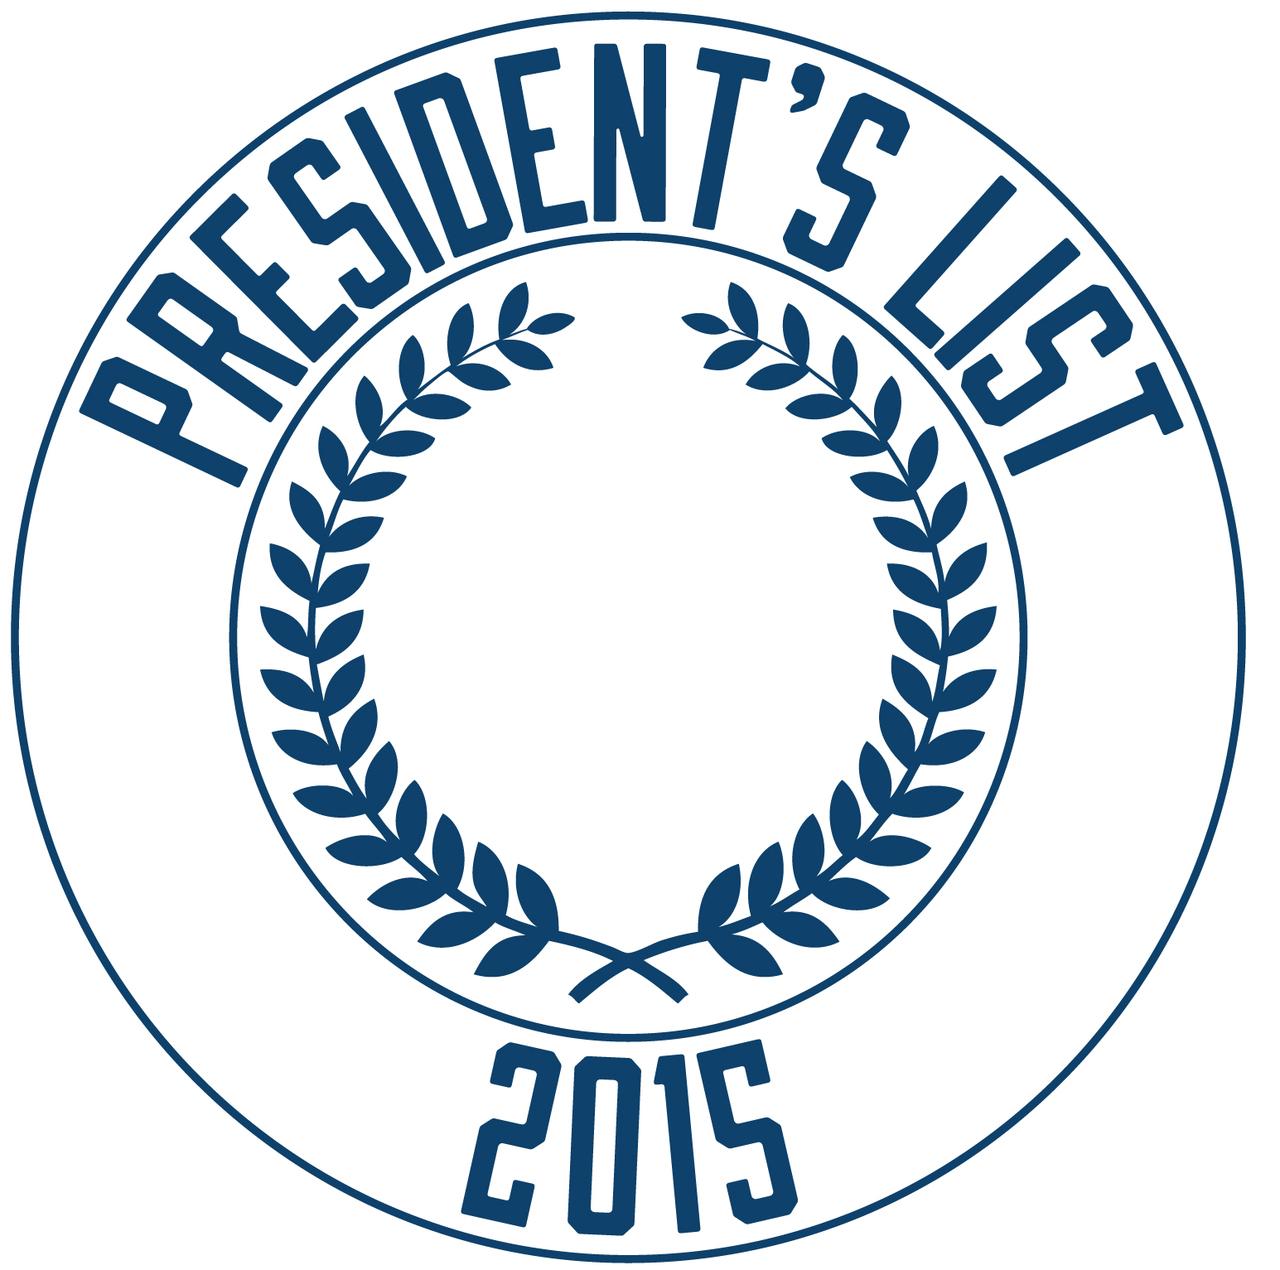 President's List Award